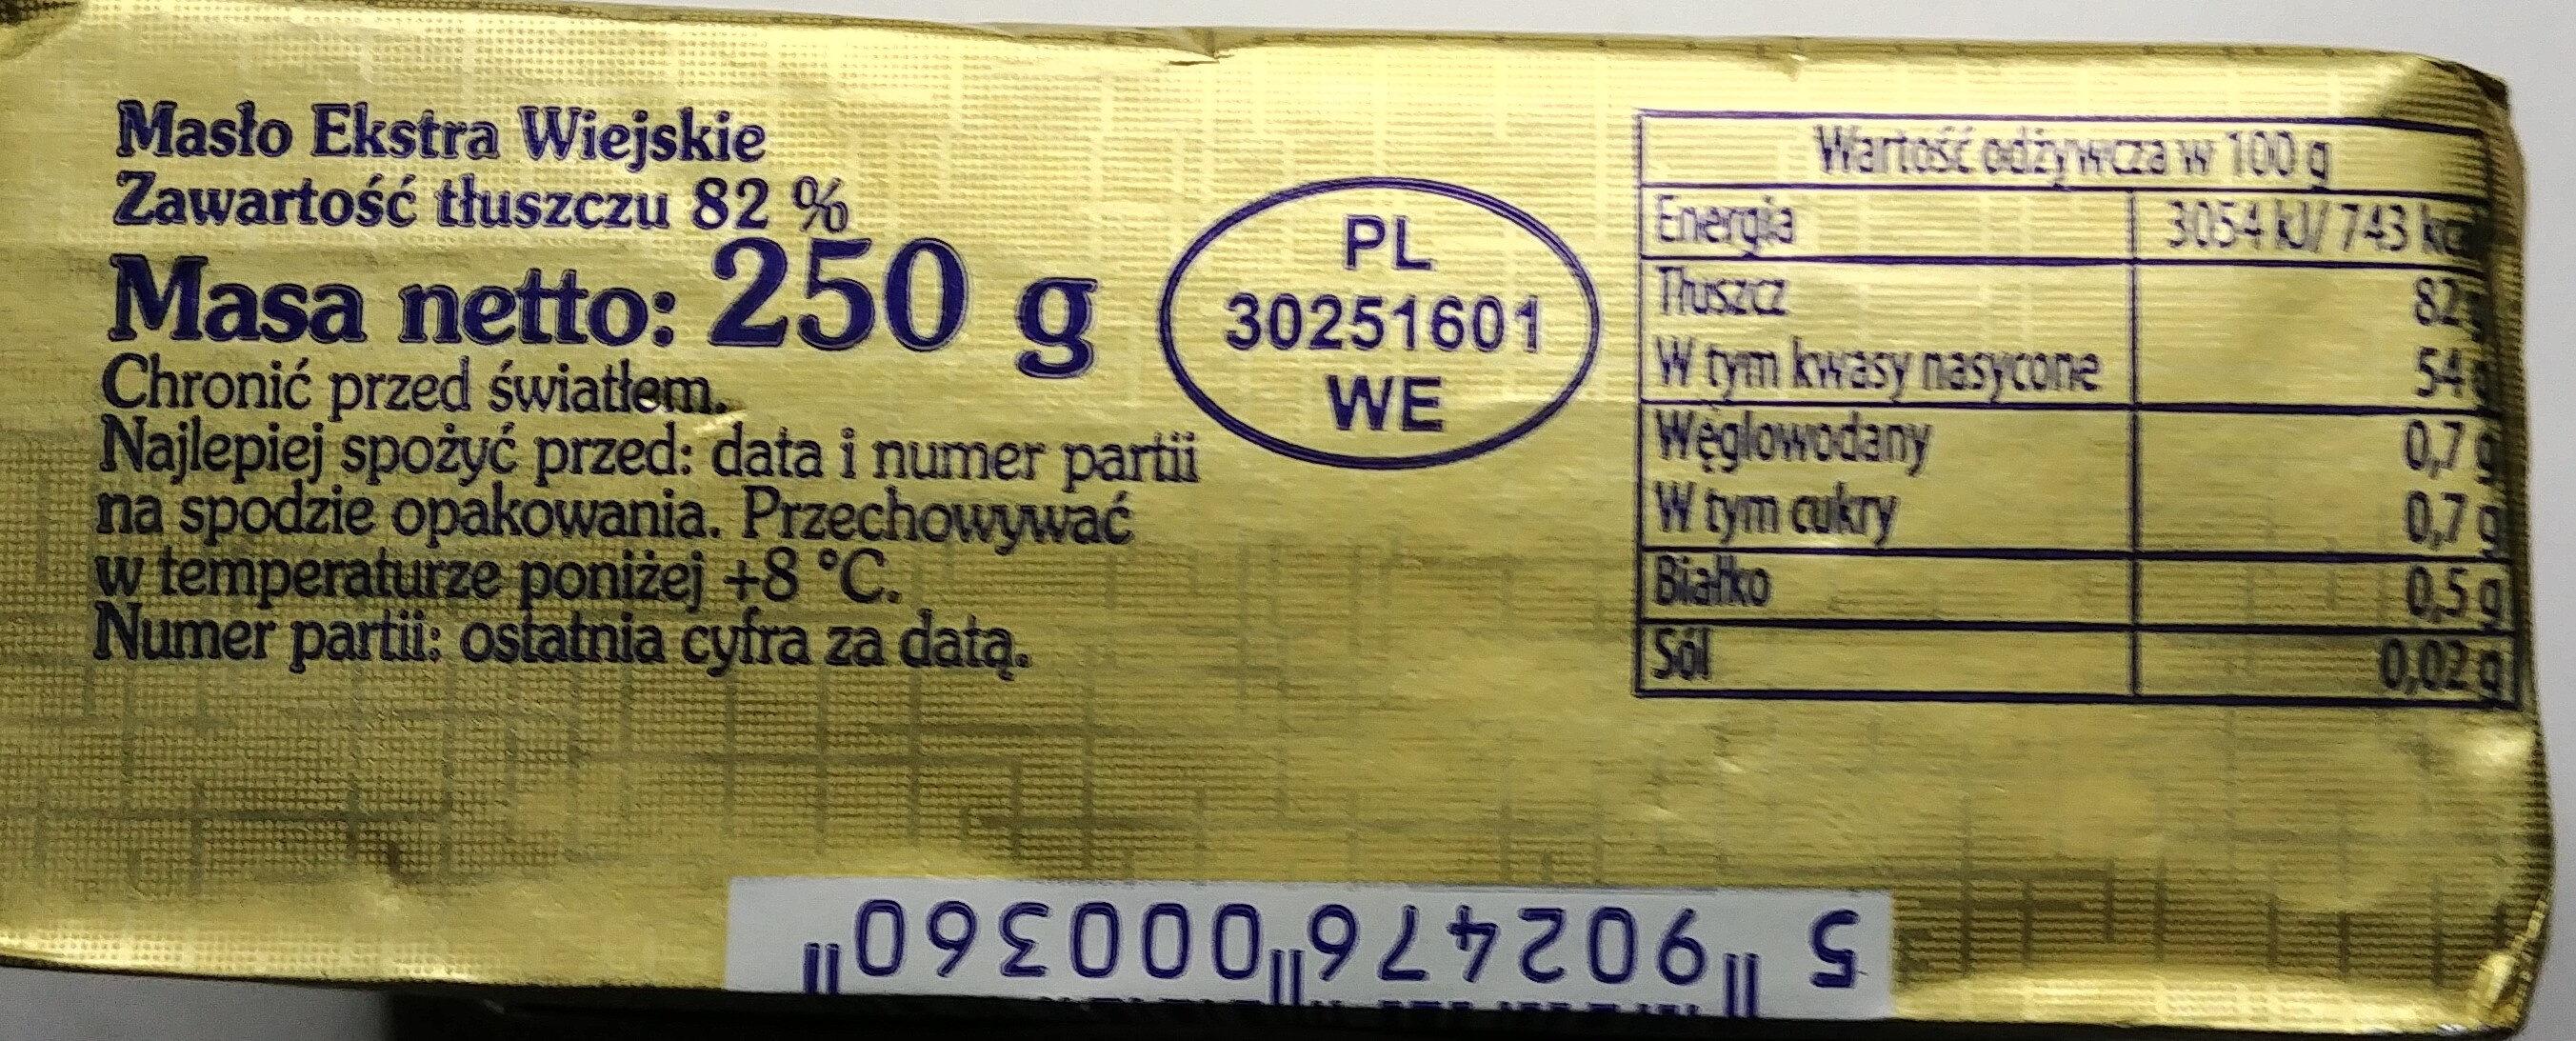 Masło ekstra wiejskie - Wartości odżywcze - pl